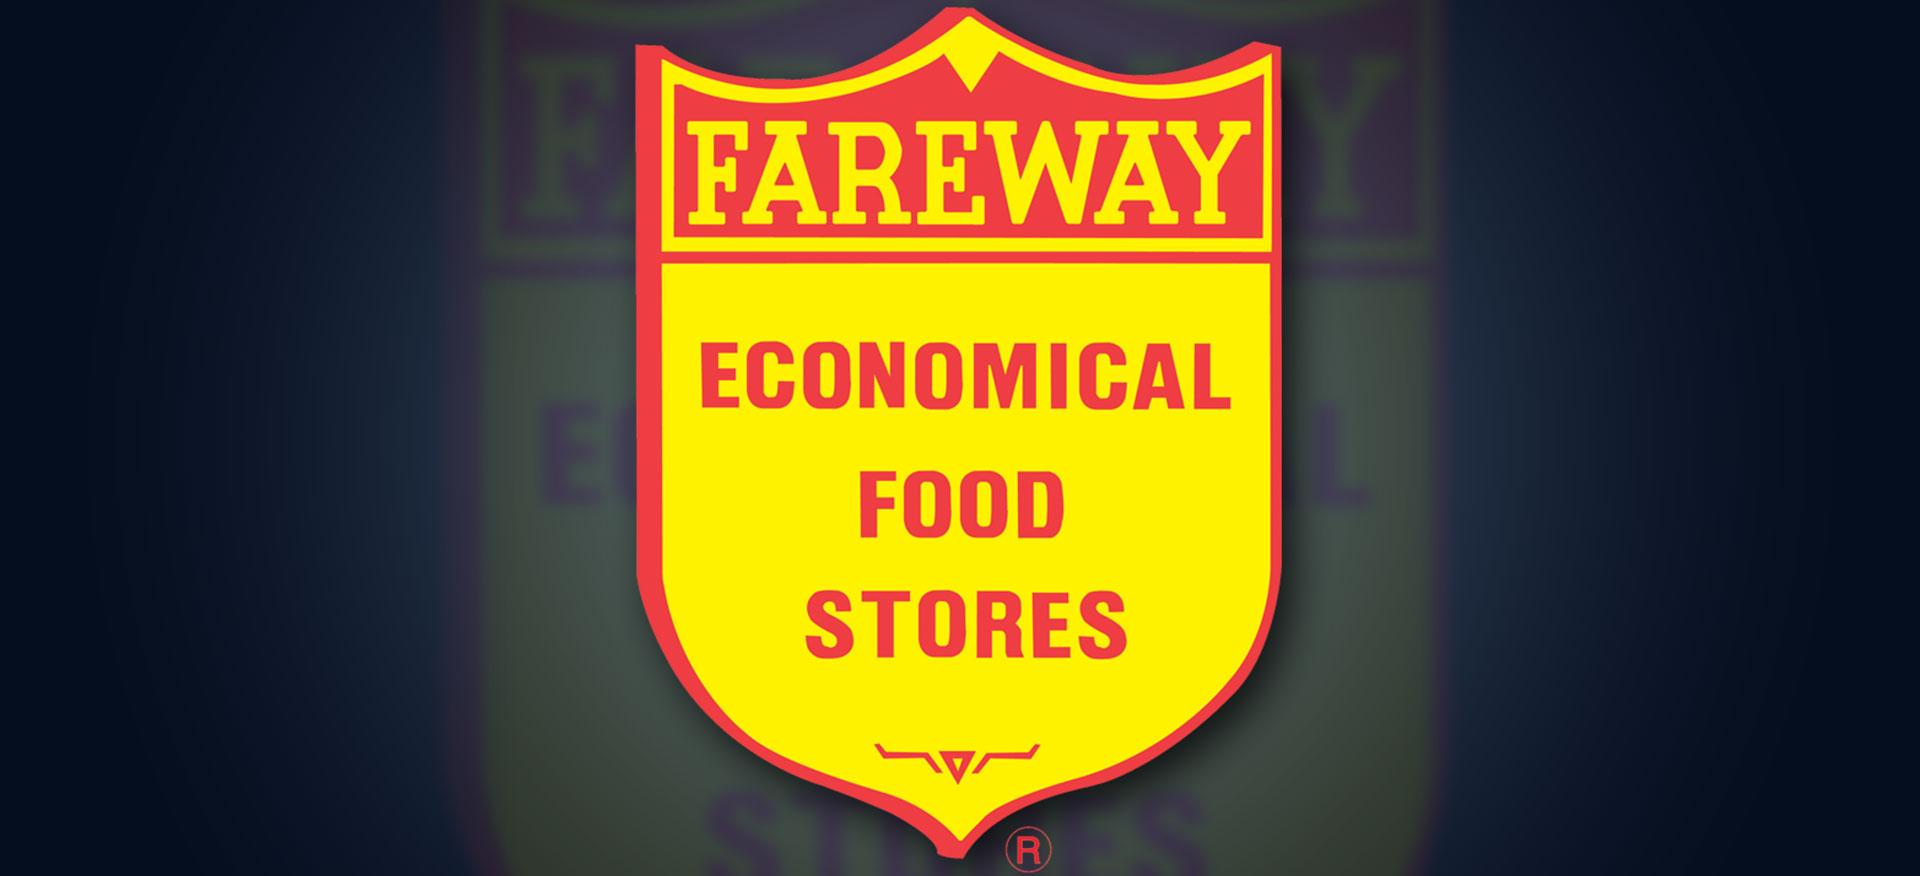 24Fareway